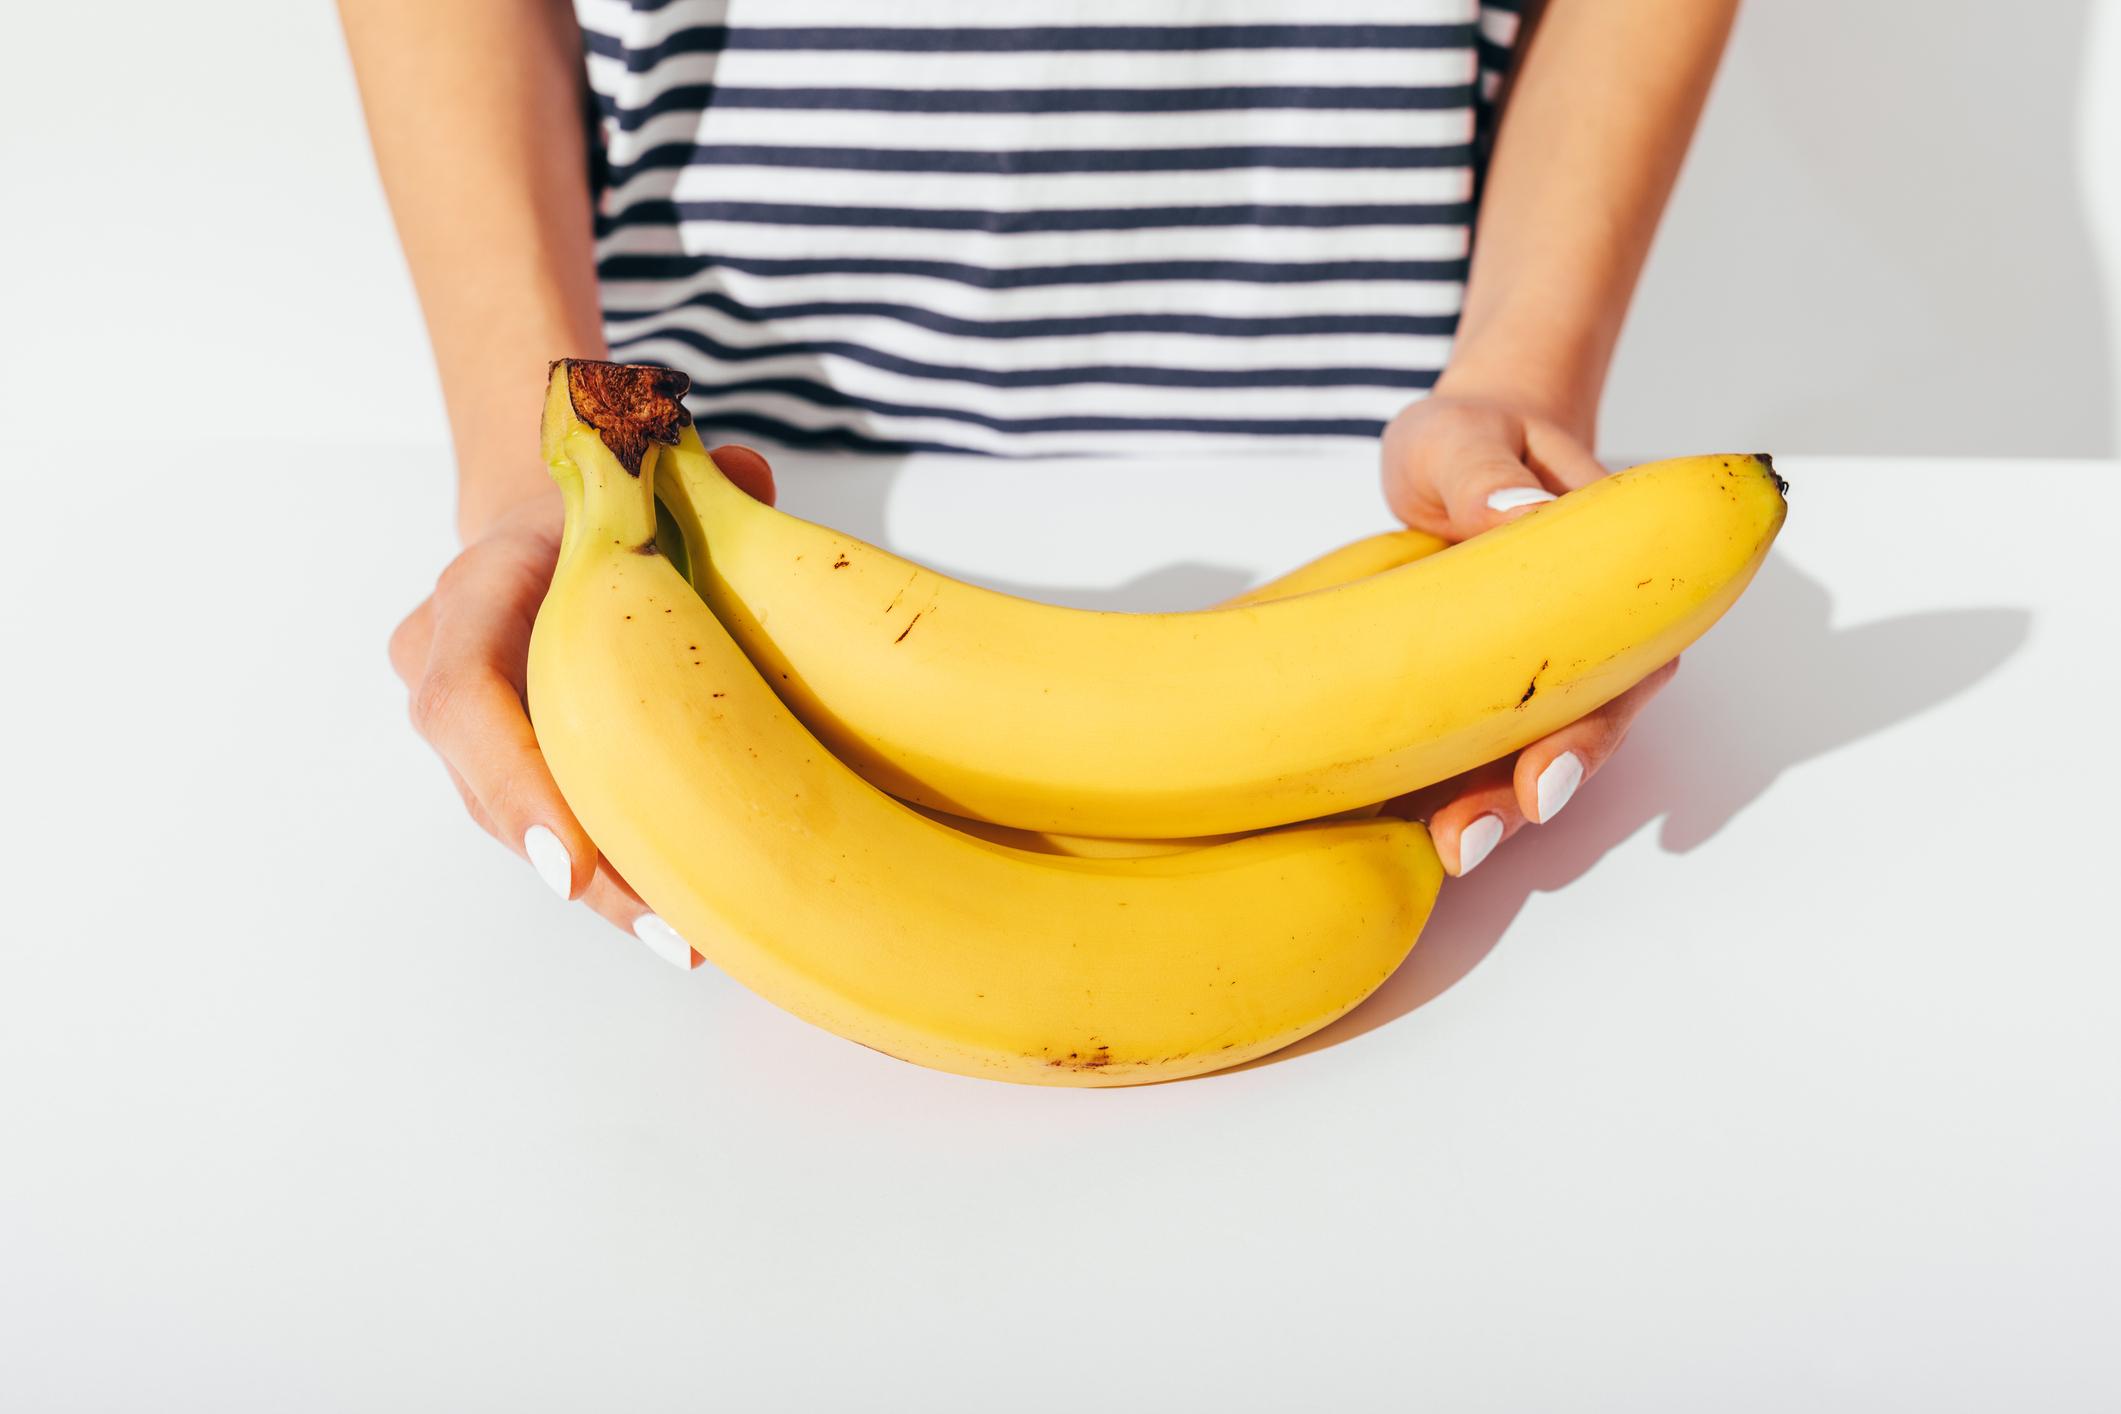 Banana i njena kora za prvu pomoć, dom i ljepotu.